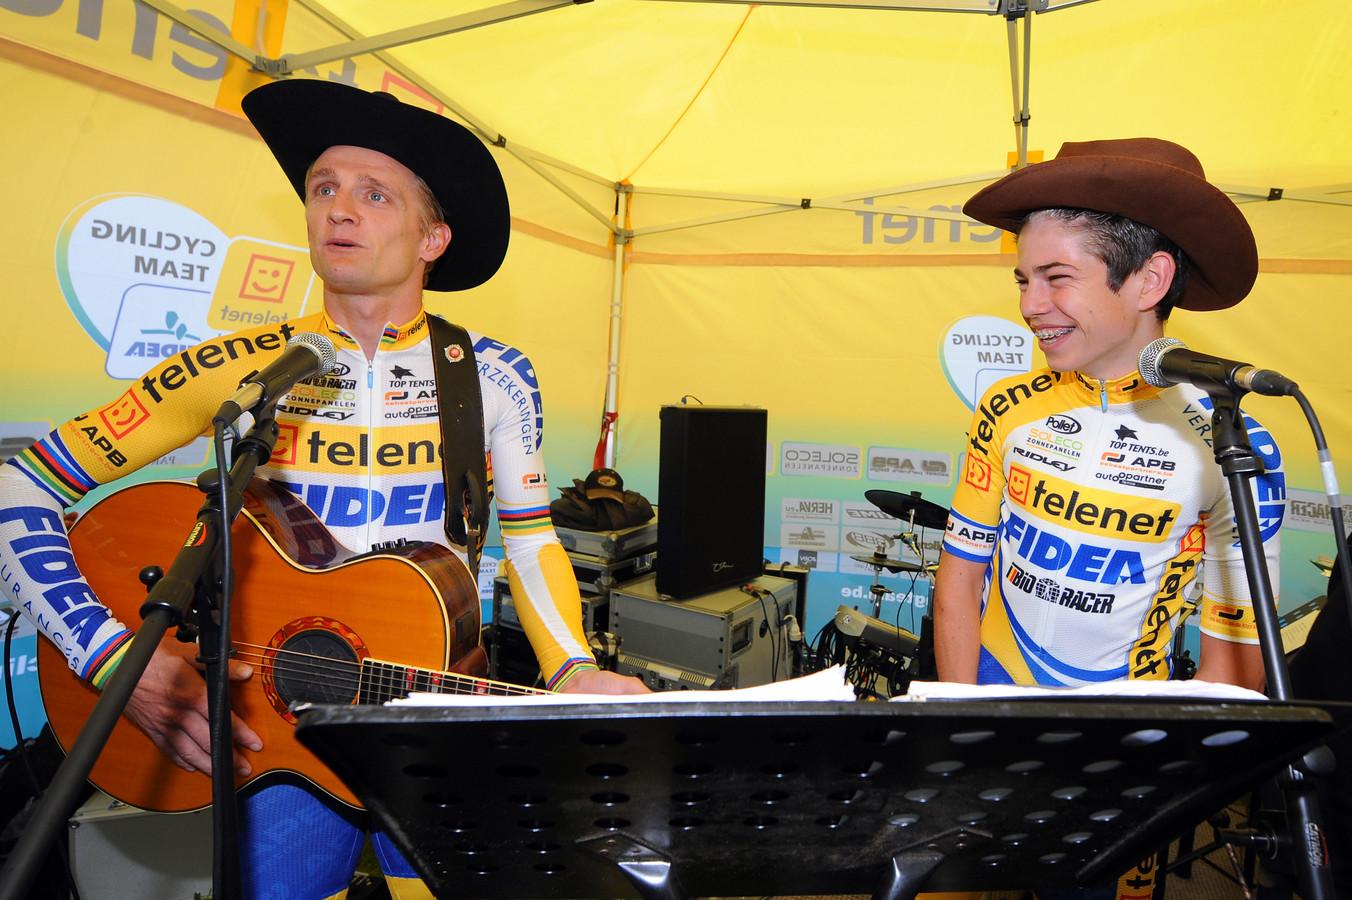 De jonge Wout van Aert samen met Bart Wellens tijdens een van de ploegvoorstellingen van Telenet Fidea.